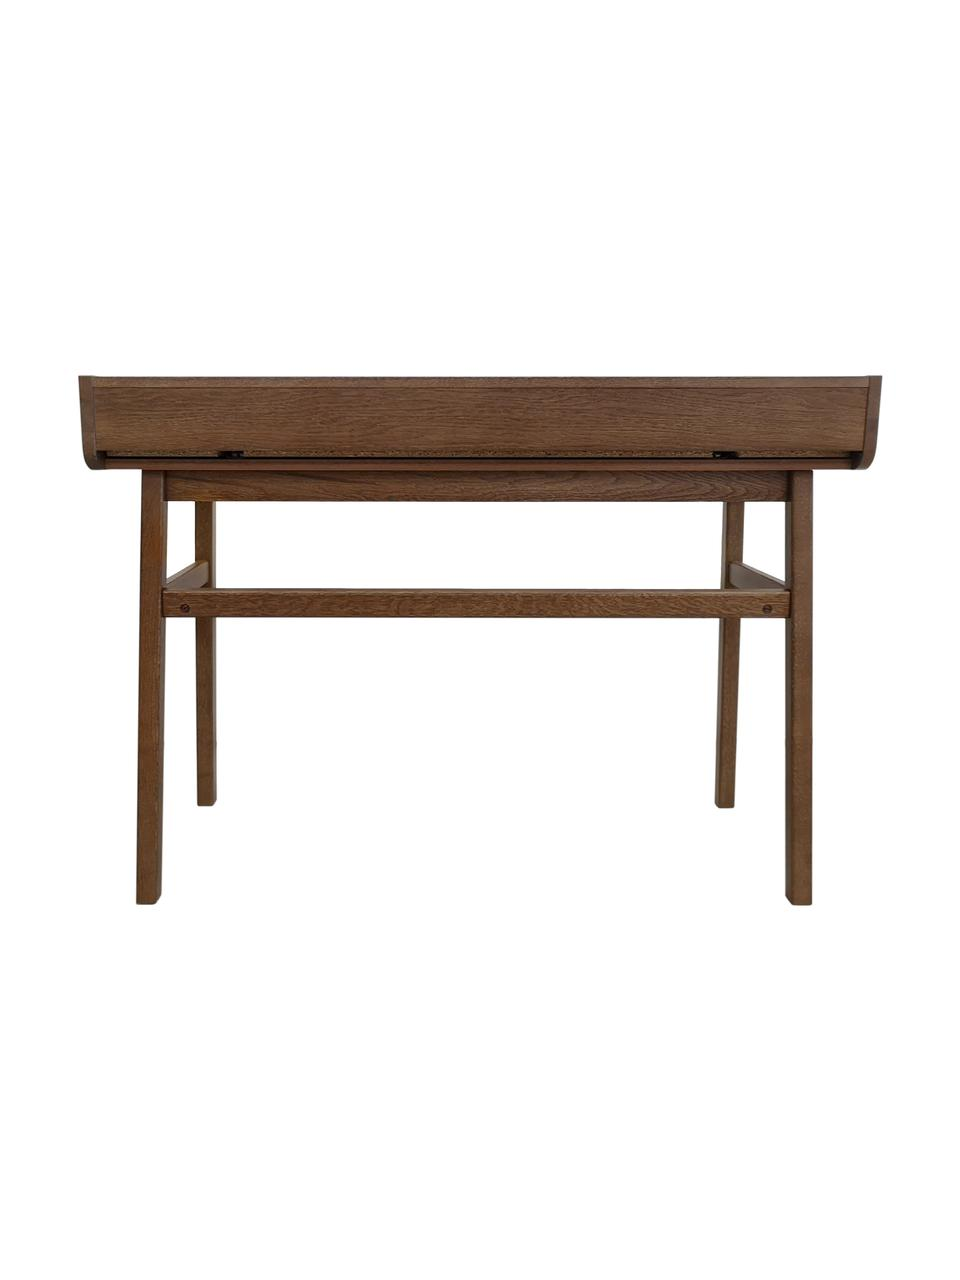 Escritorio estrecho Carteret, Patas: madera de roble maciza cu, Tablero: aglomerado chapado en mad, Marrón oscuro, An 115 x Al 84 cm